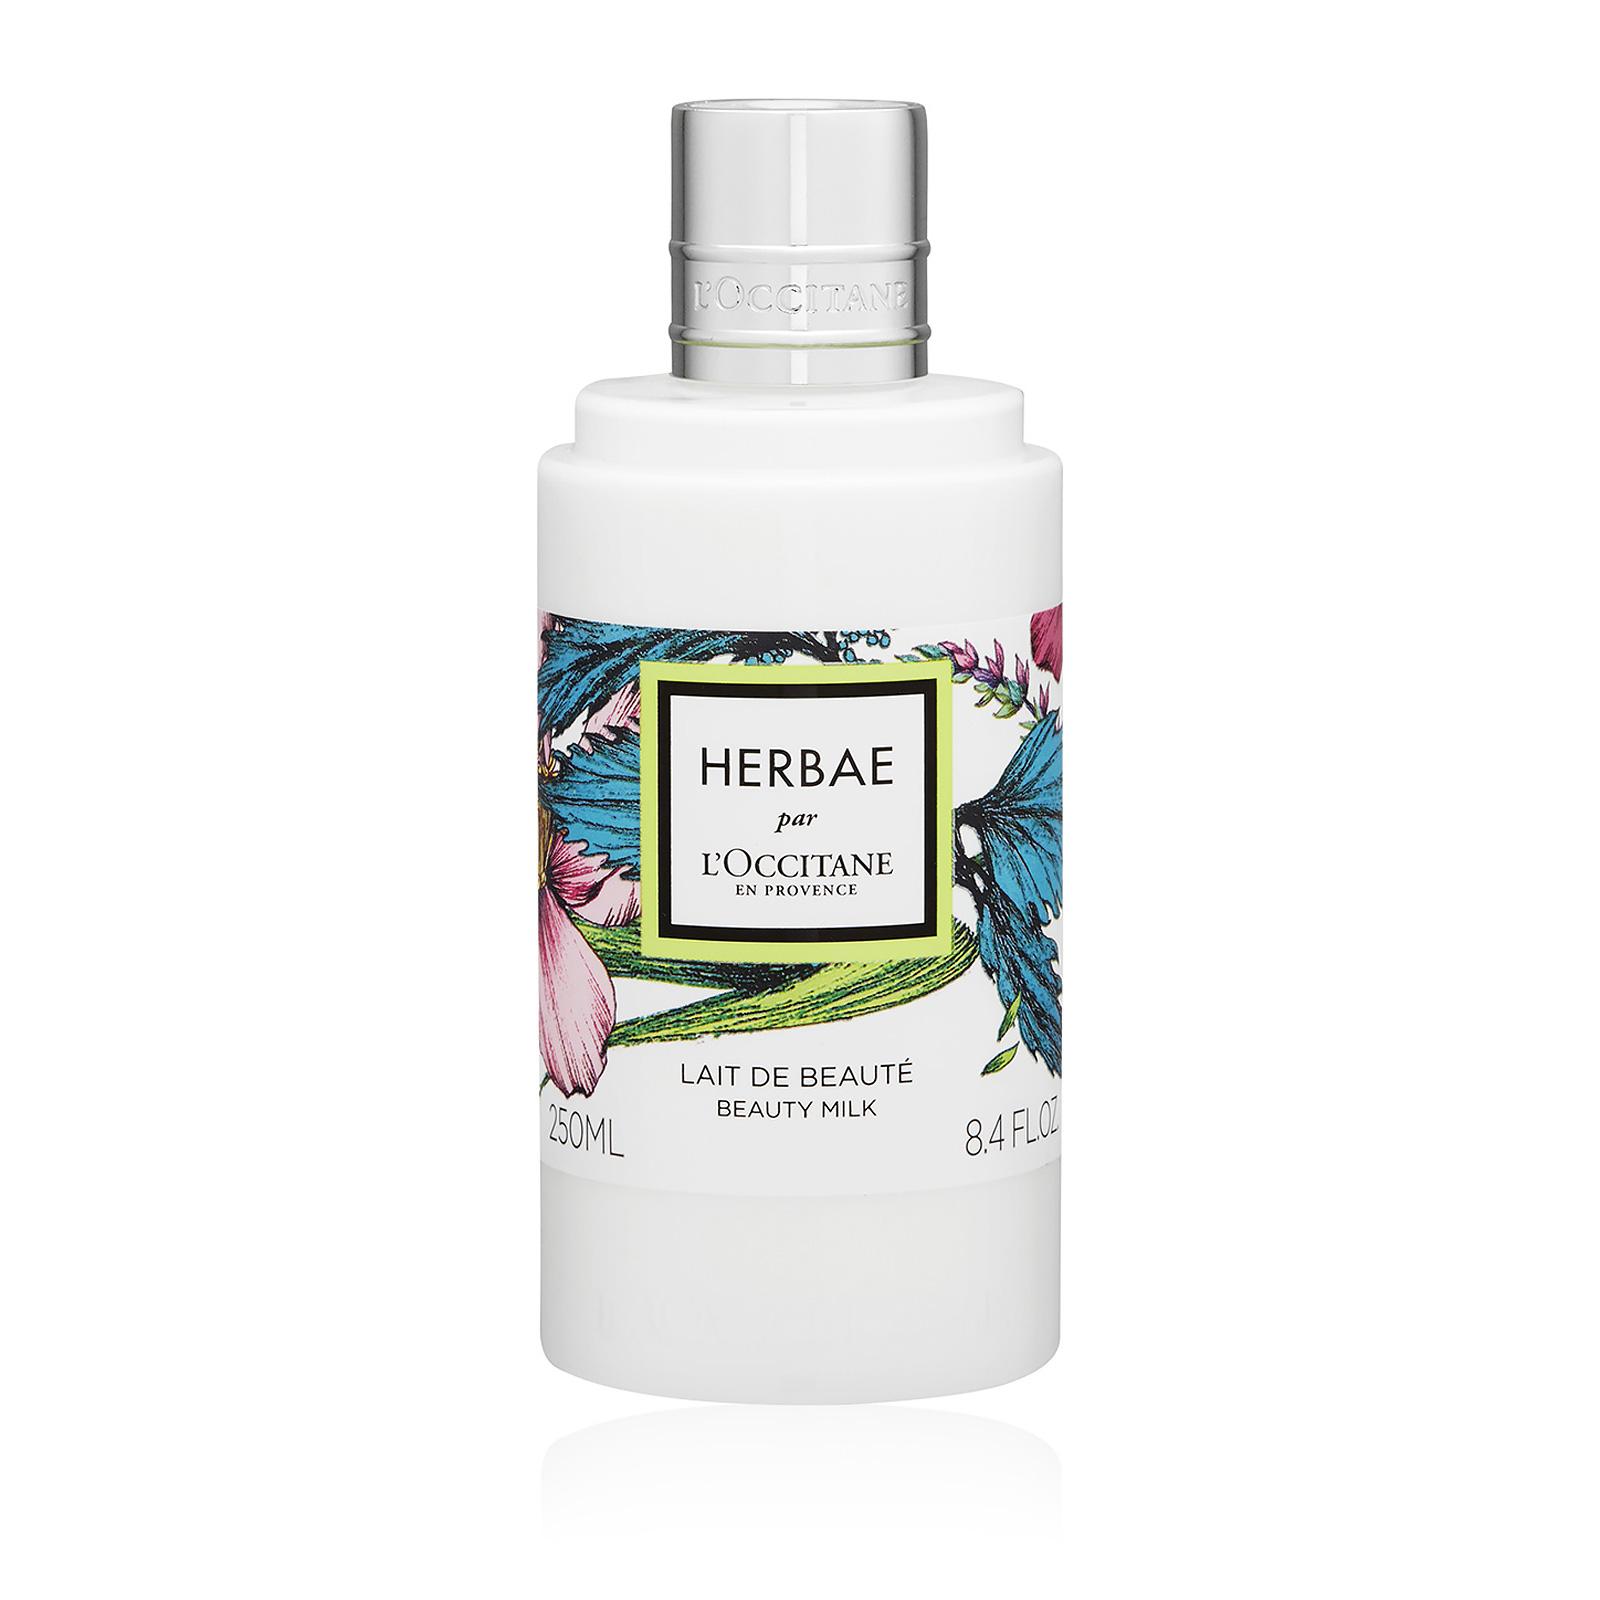 Herbae Par Beauty Milk